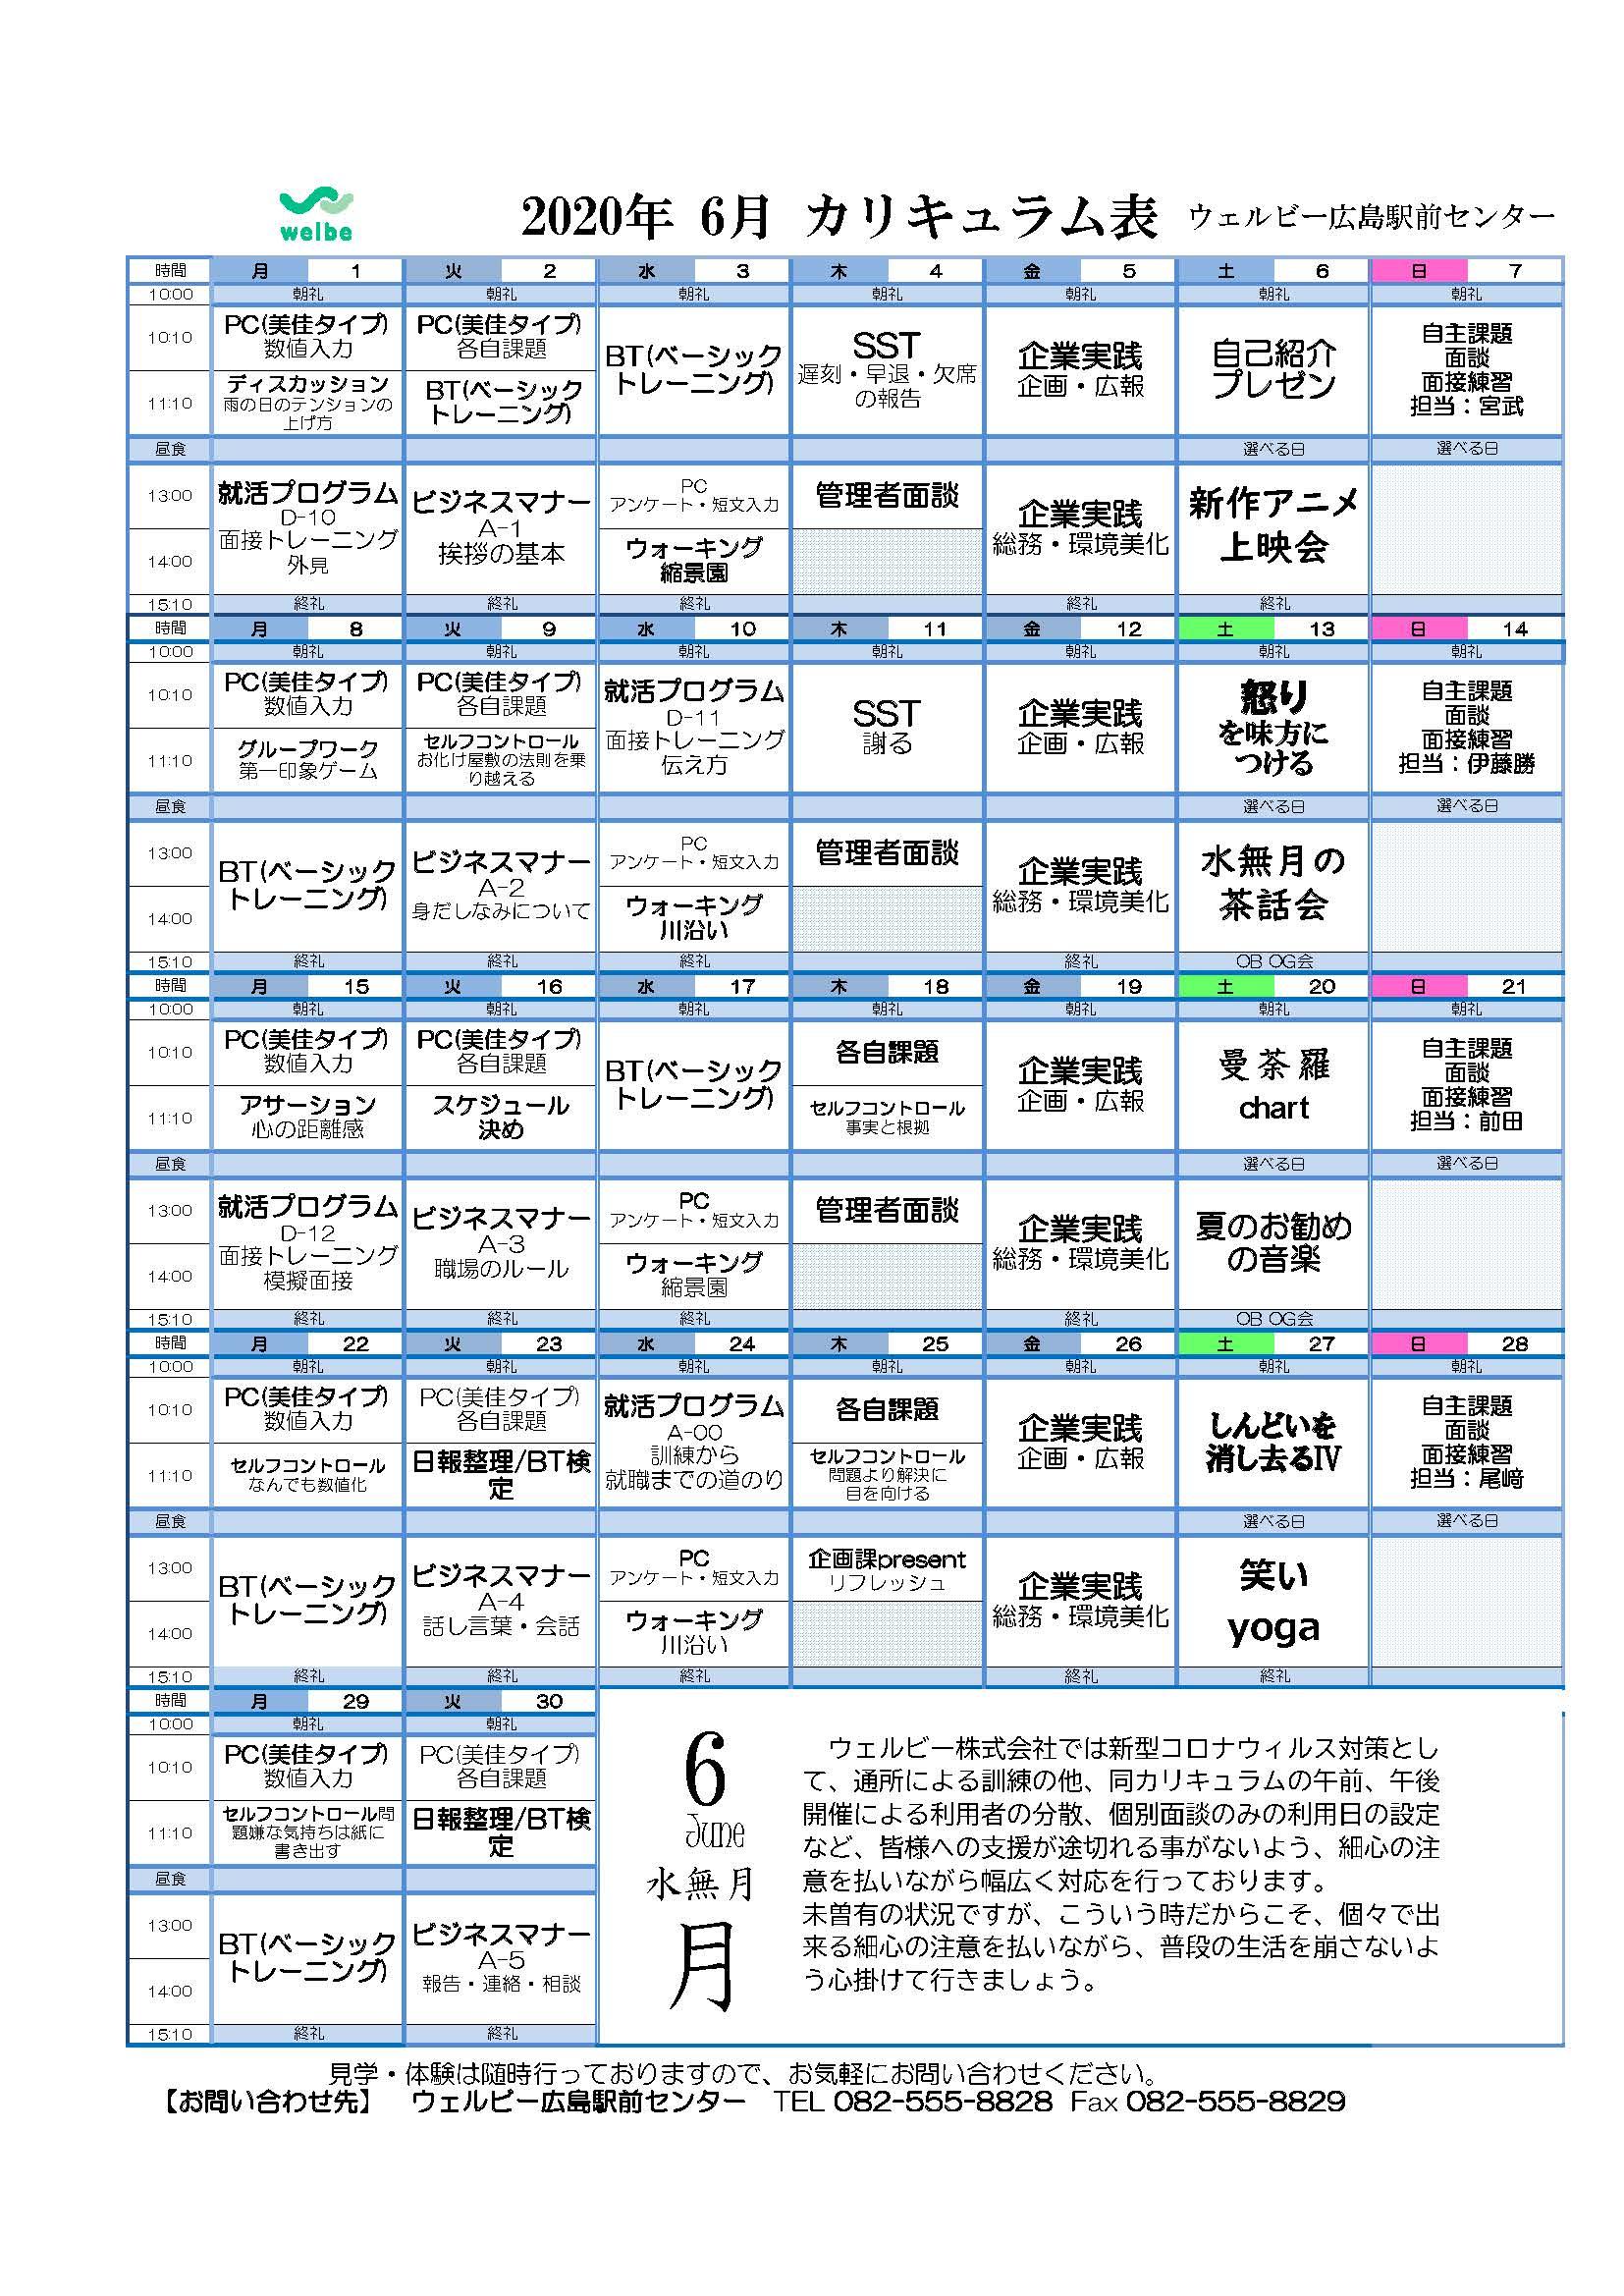 2020年6月カリキュラム表